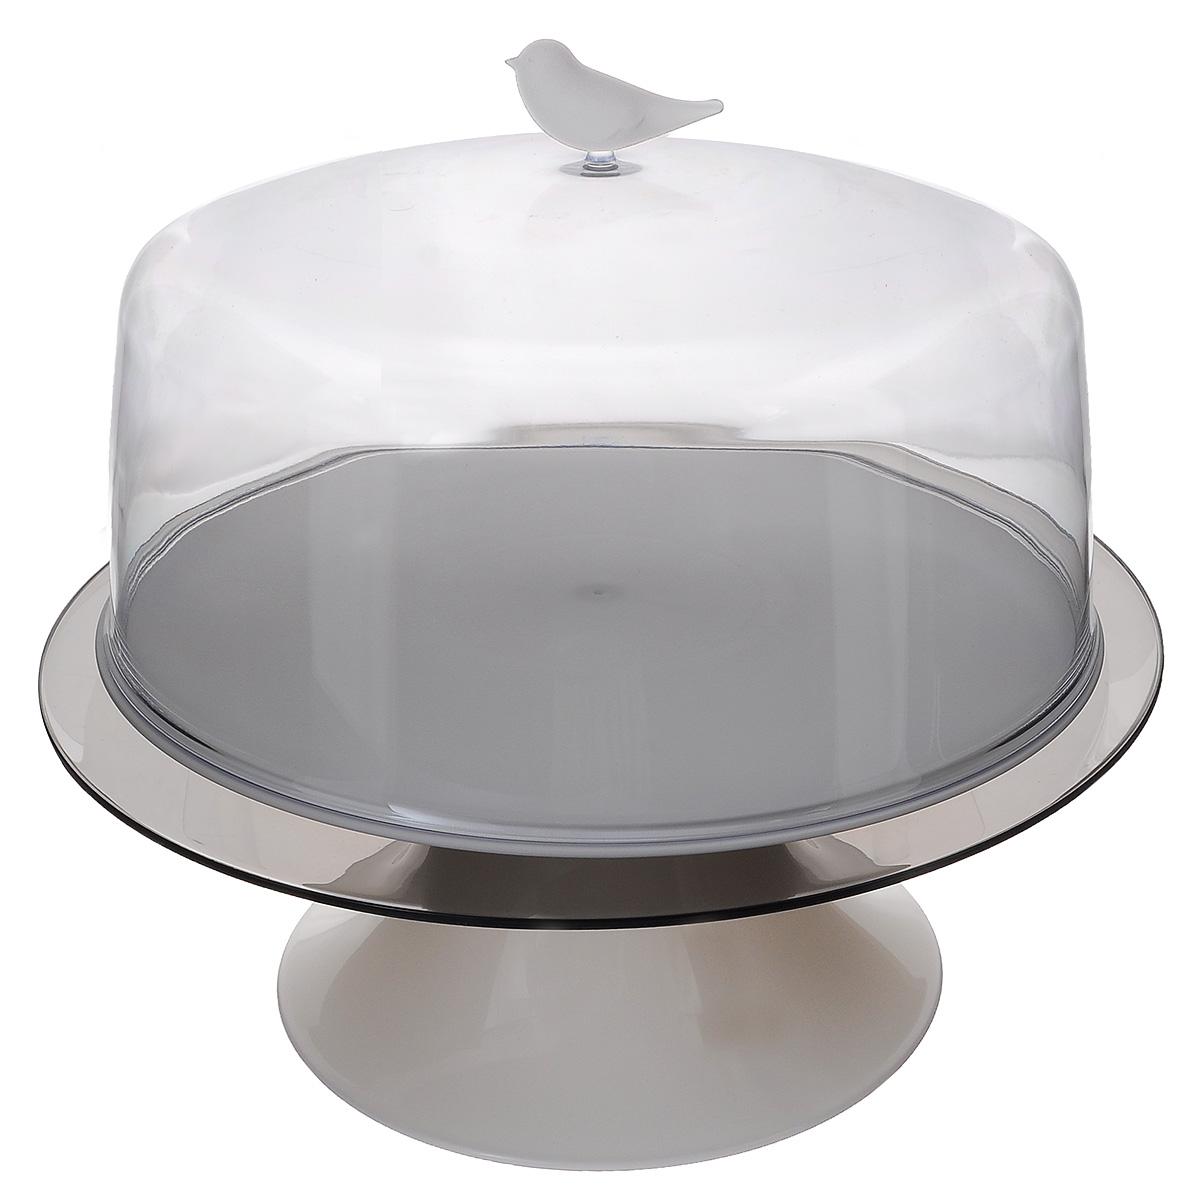 """Фото Тортовница Qualy """"Sparrow"""", диаметр 28,5 см. Покупайте с доставкой по России"""